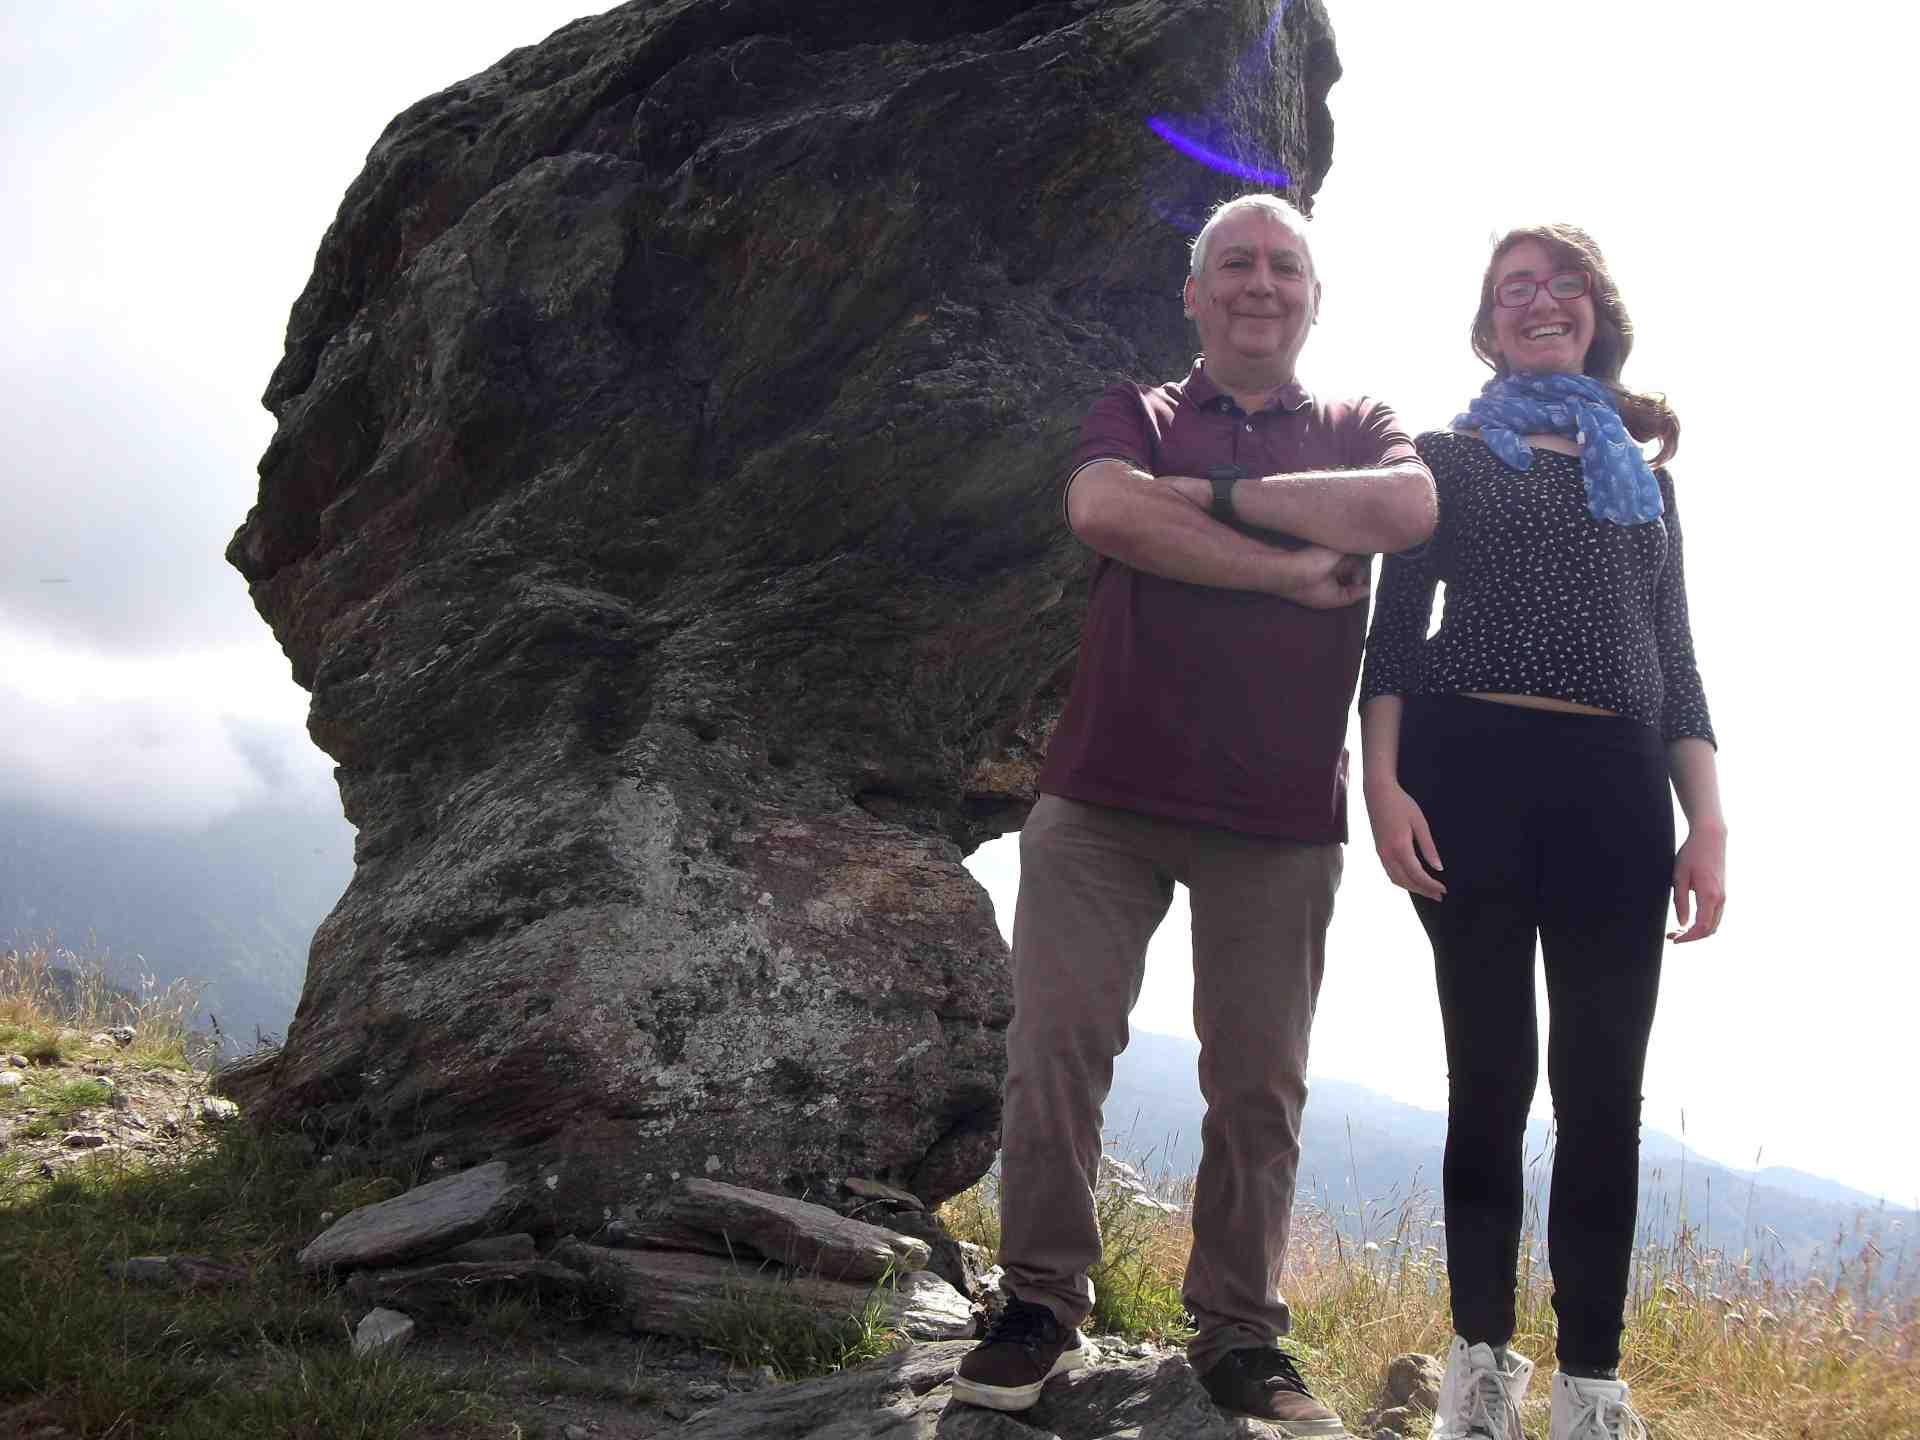 Valli di Lanzo: Le pietre raccontano - Rivista Promuovere